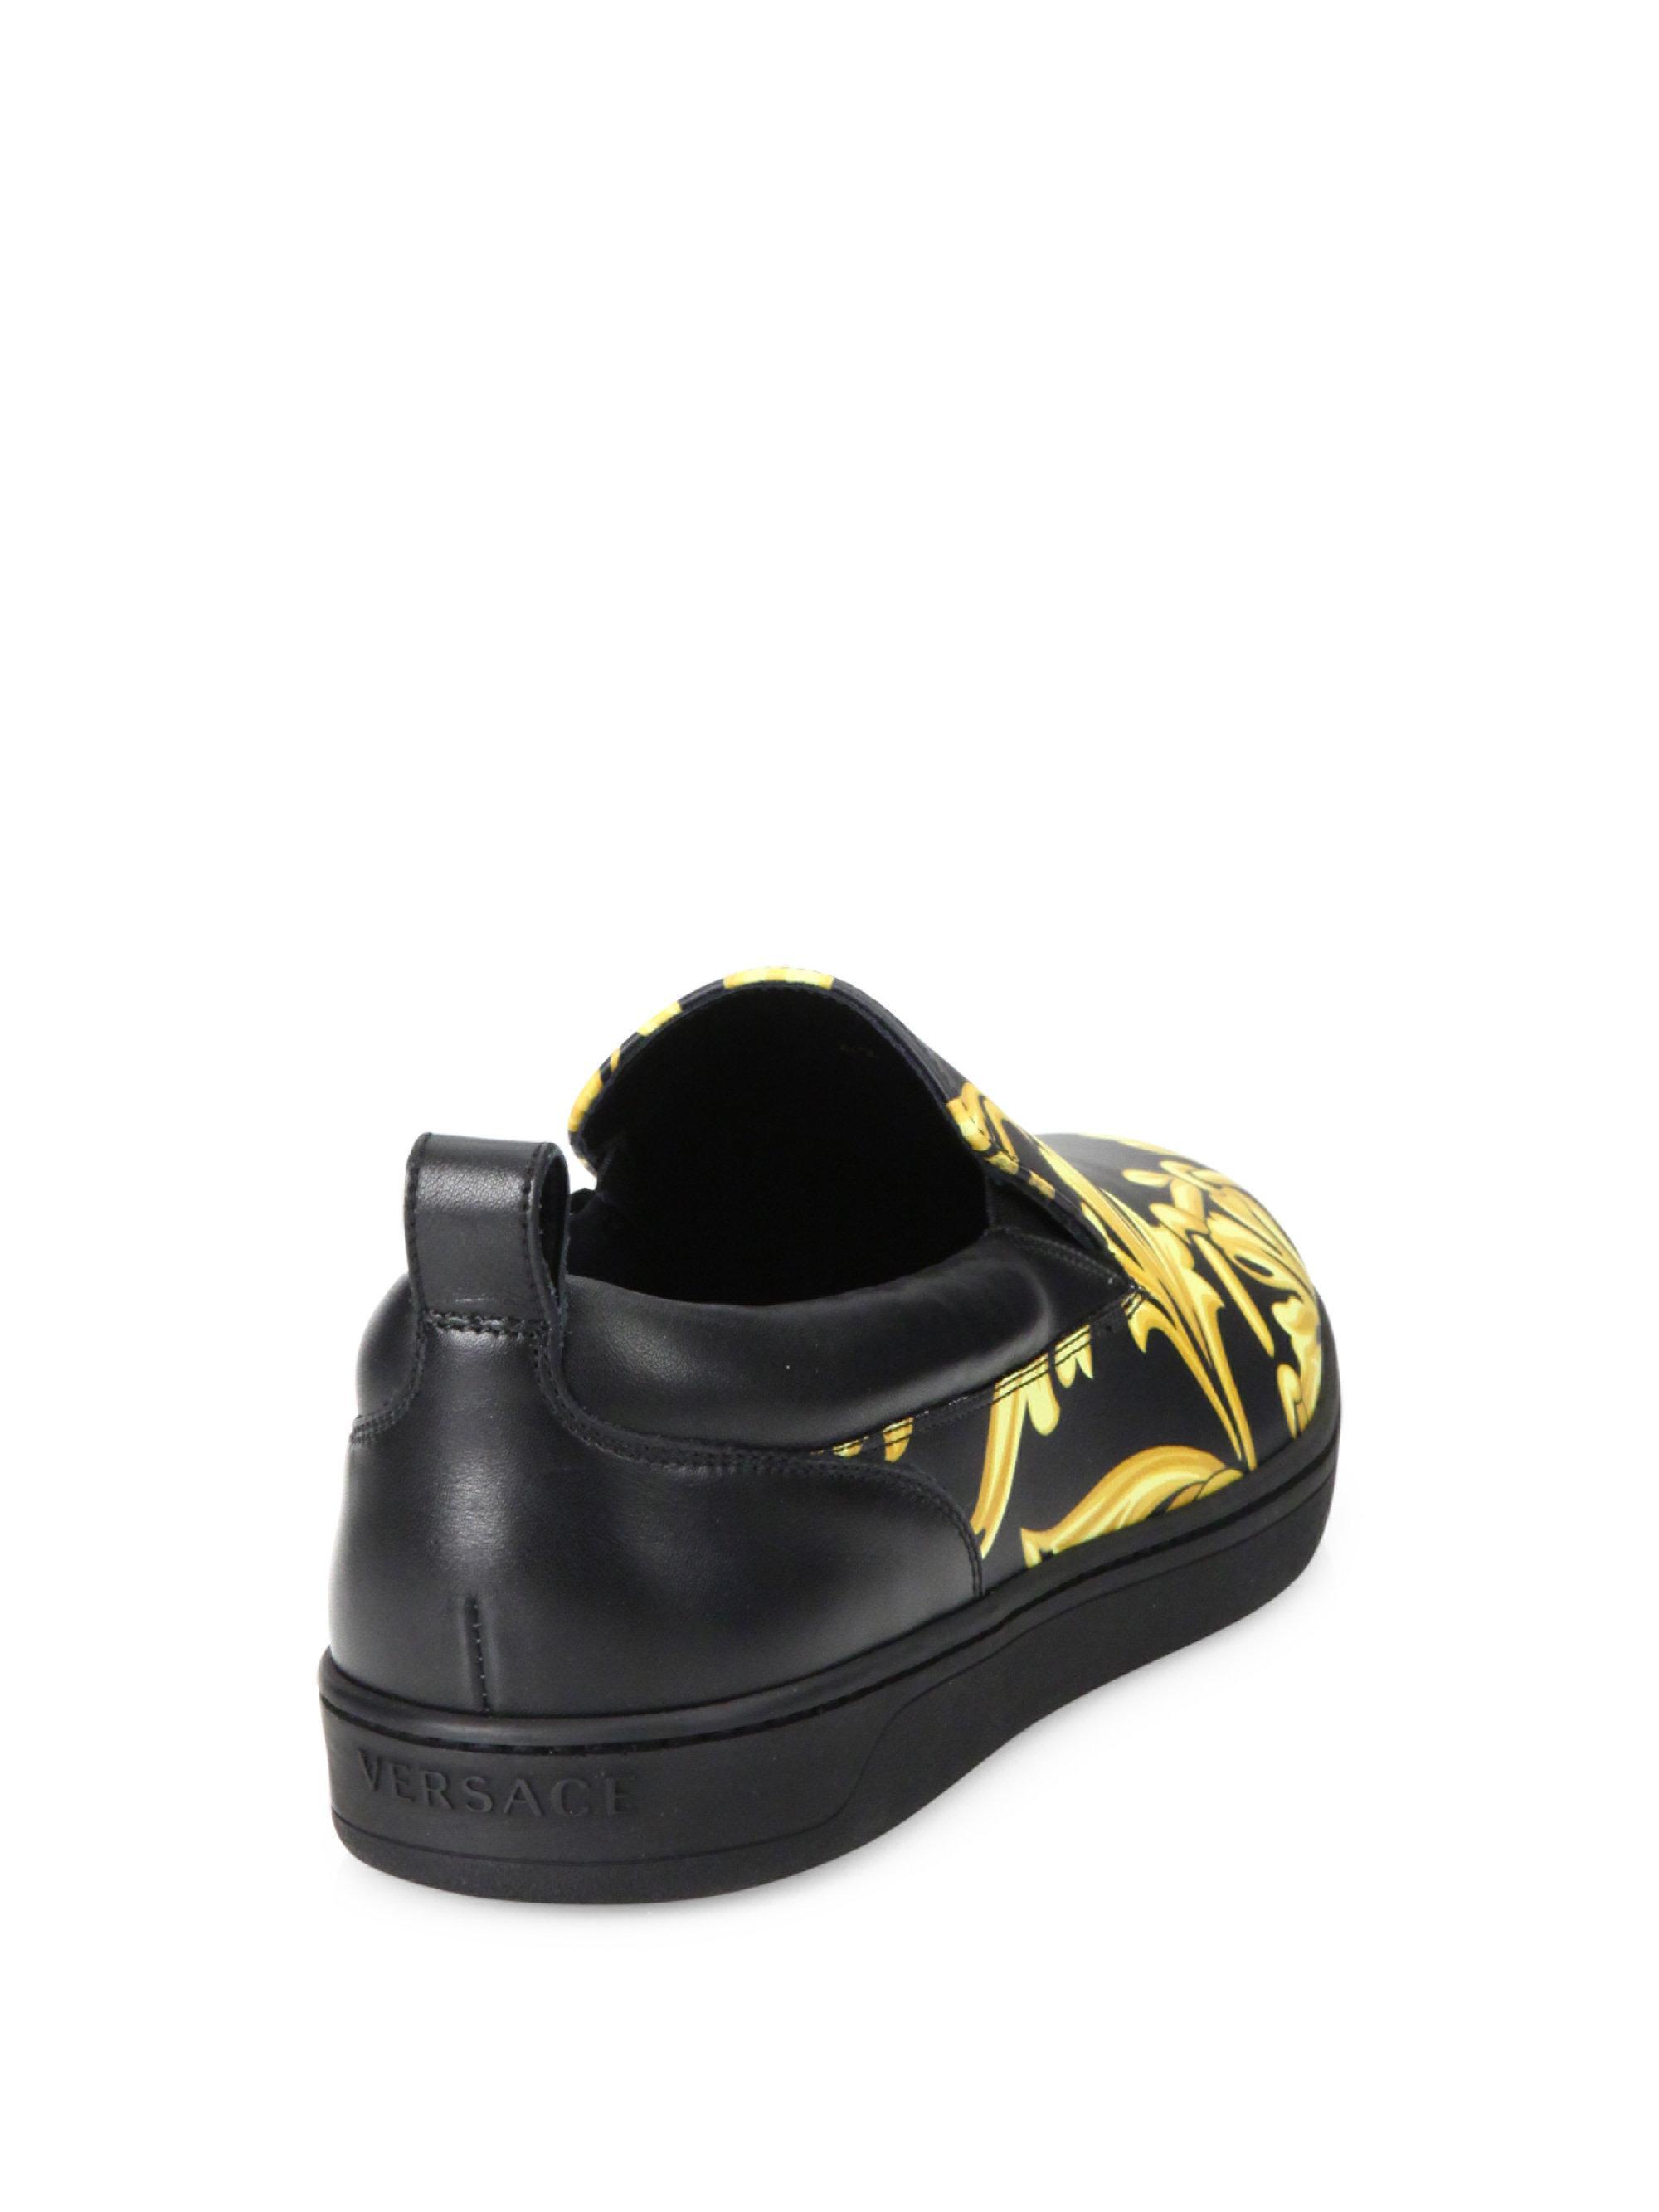 Versace Sneakers Saks   Mount Mercy University d7c8ec4345